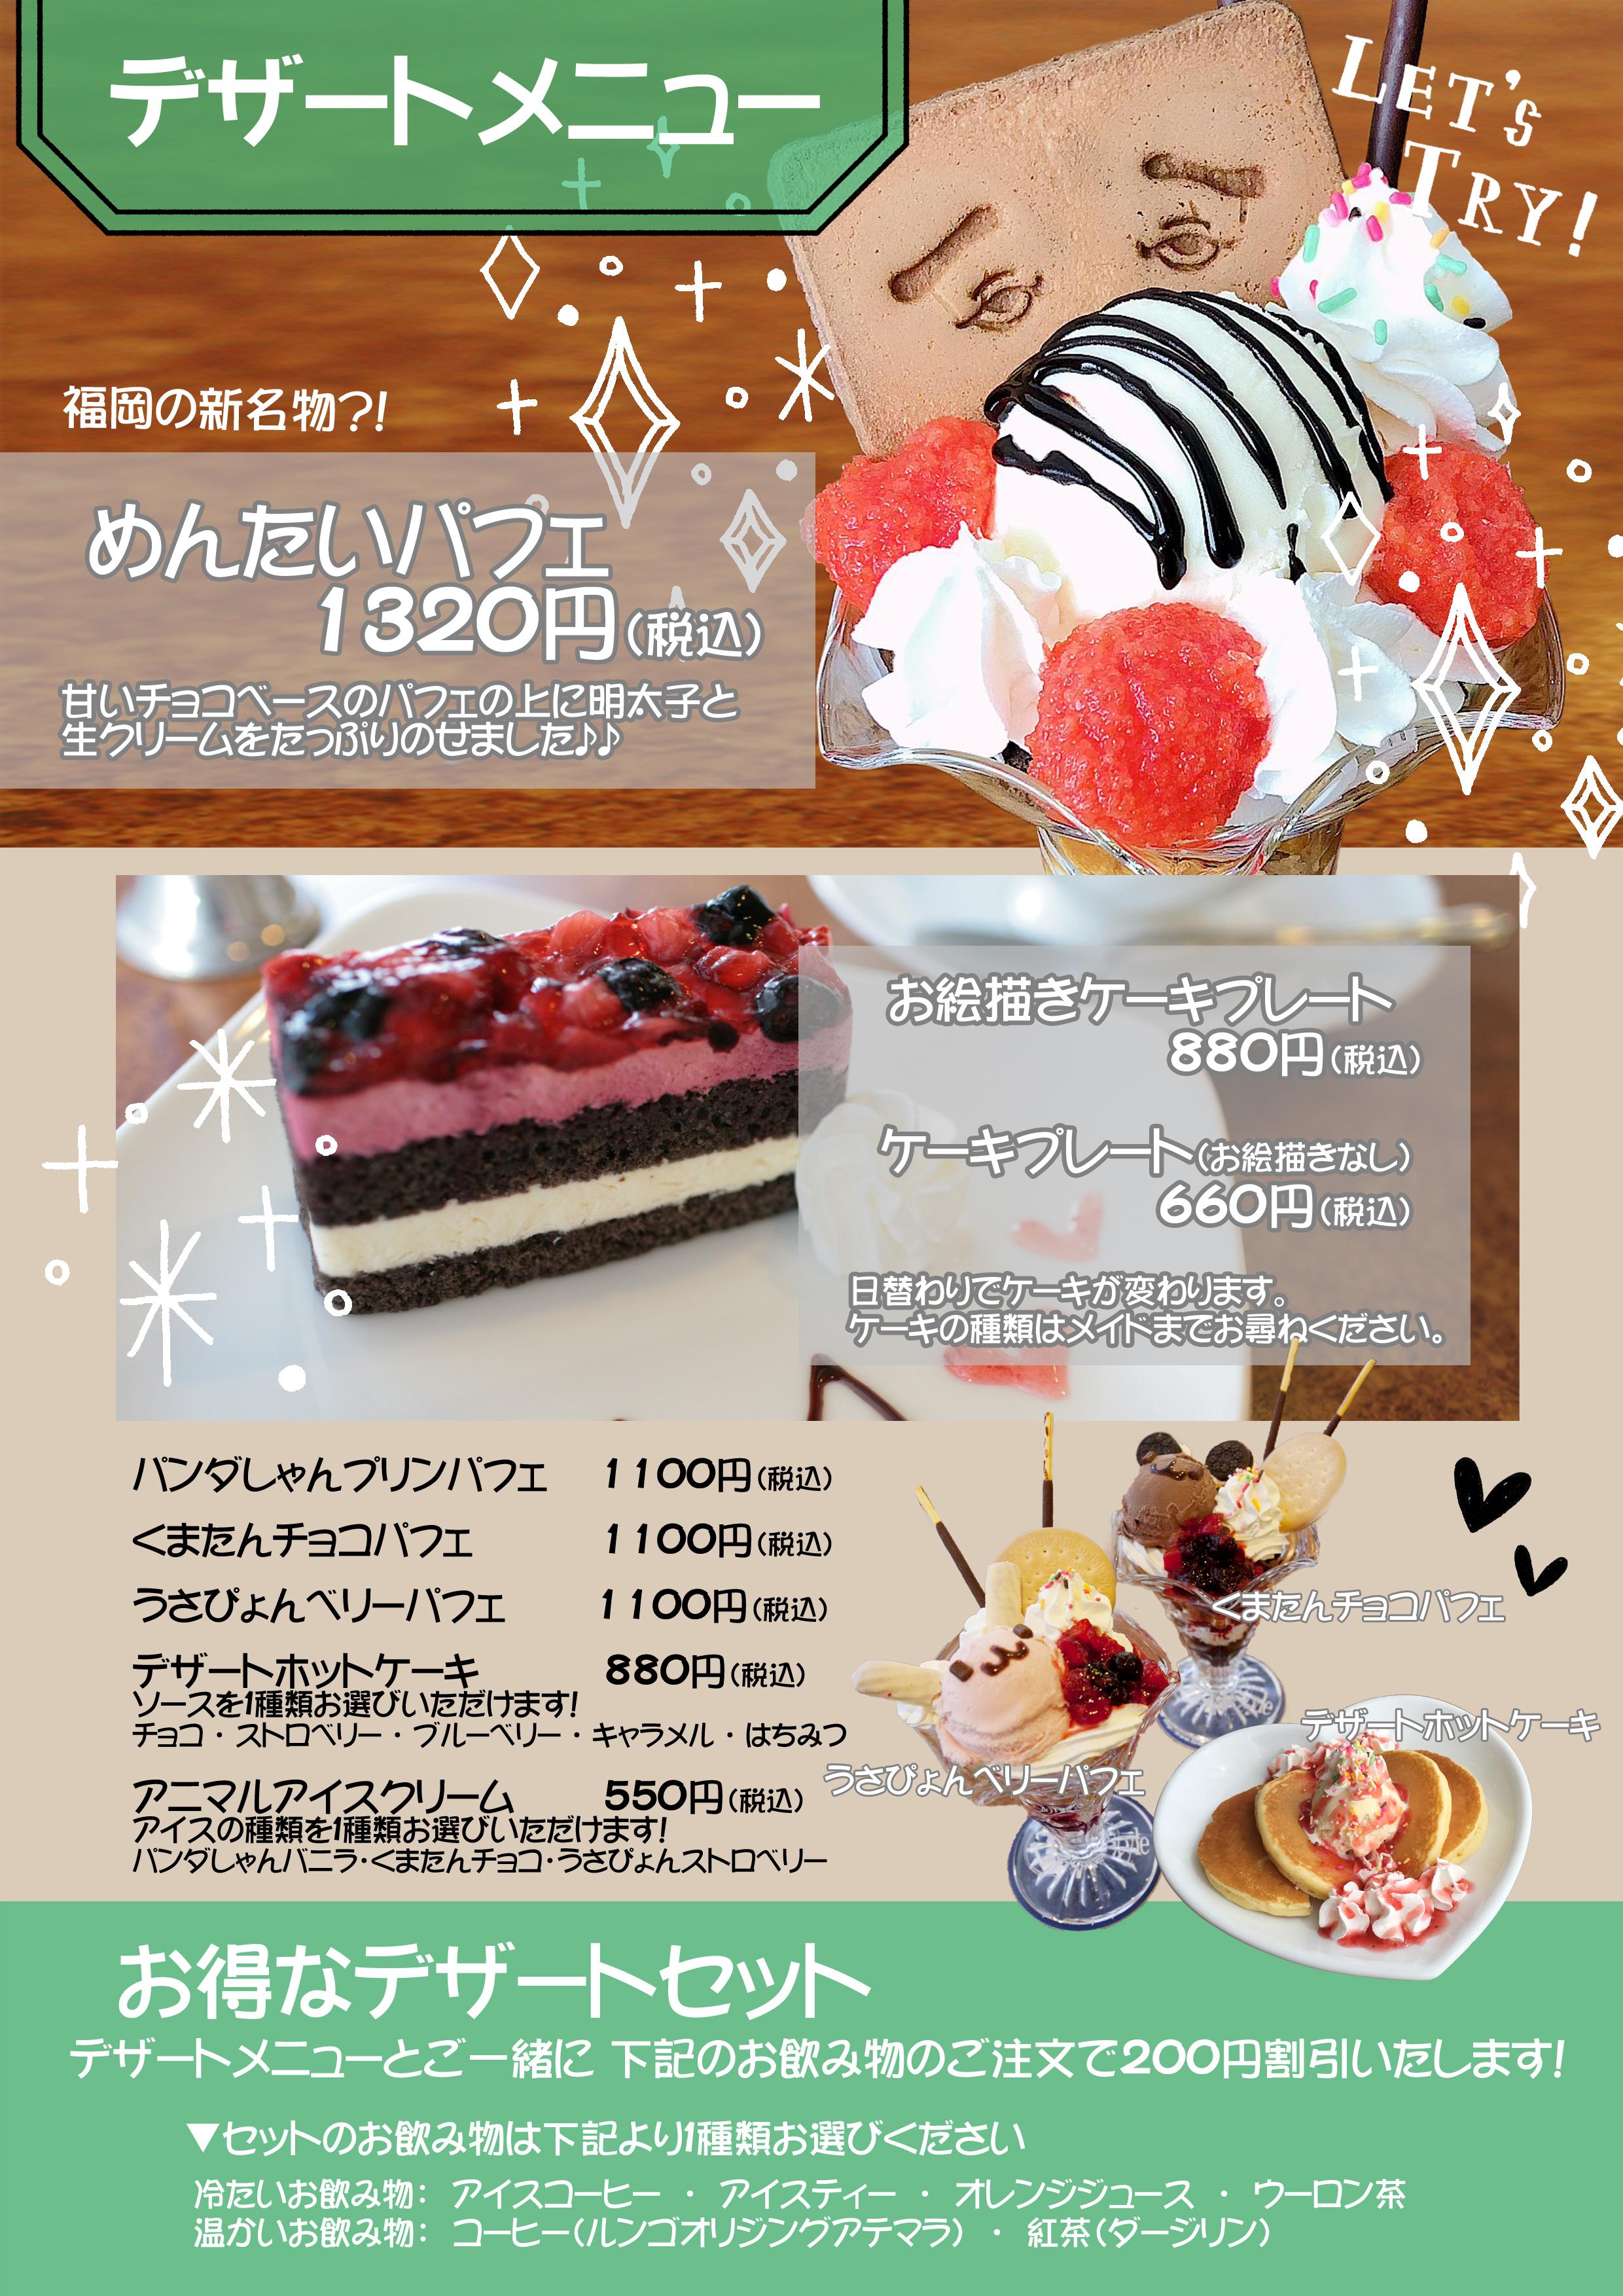 メニュー6 ケーキメニュー20210601のコピー